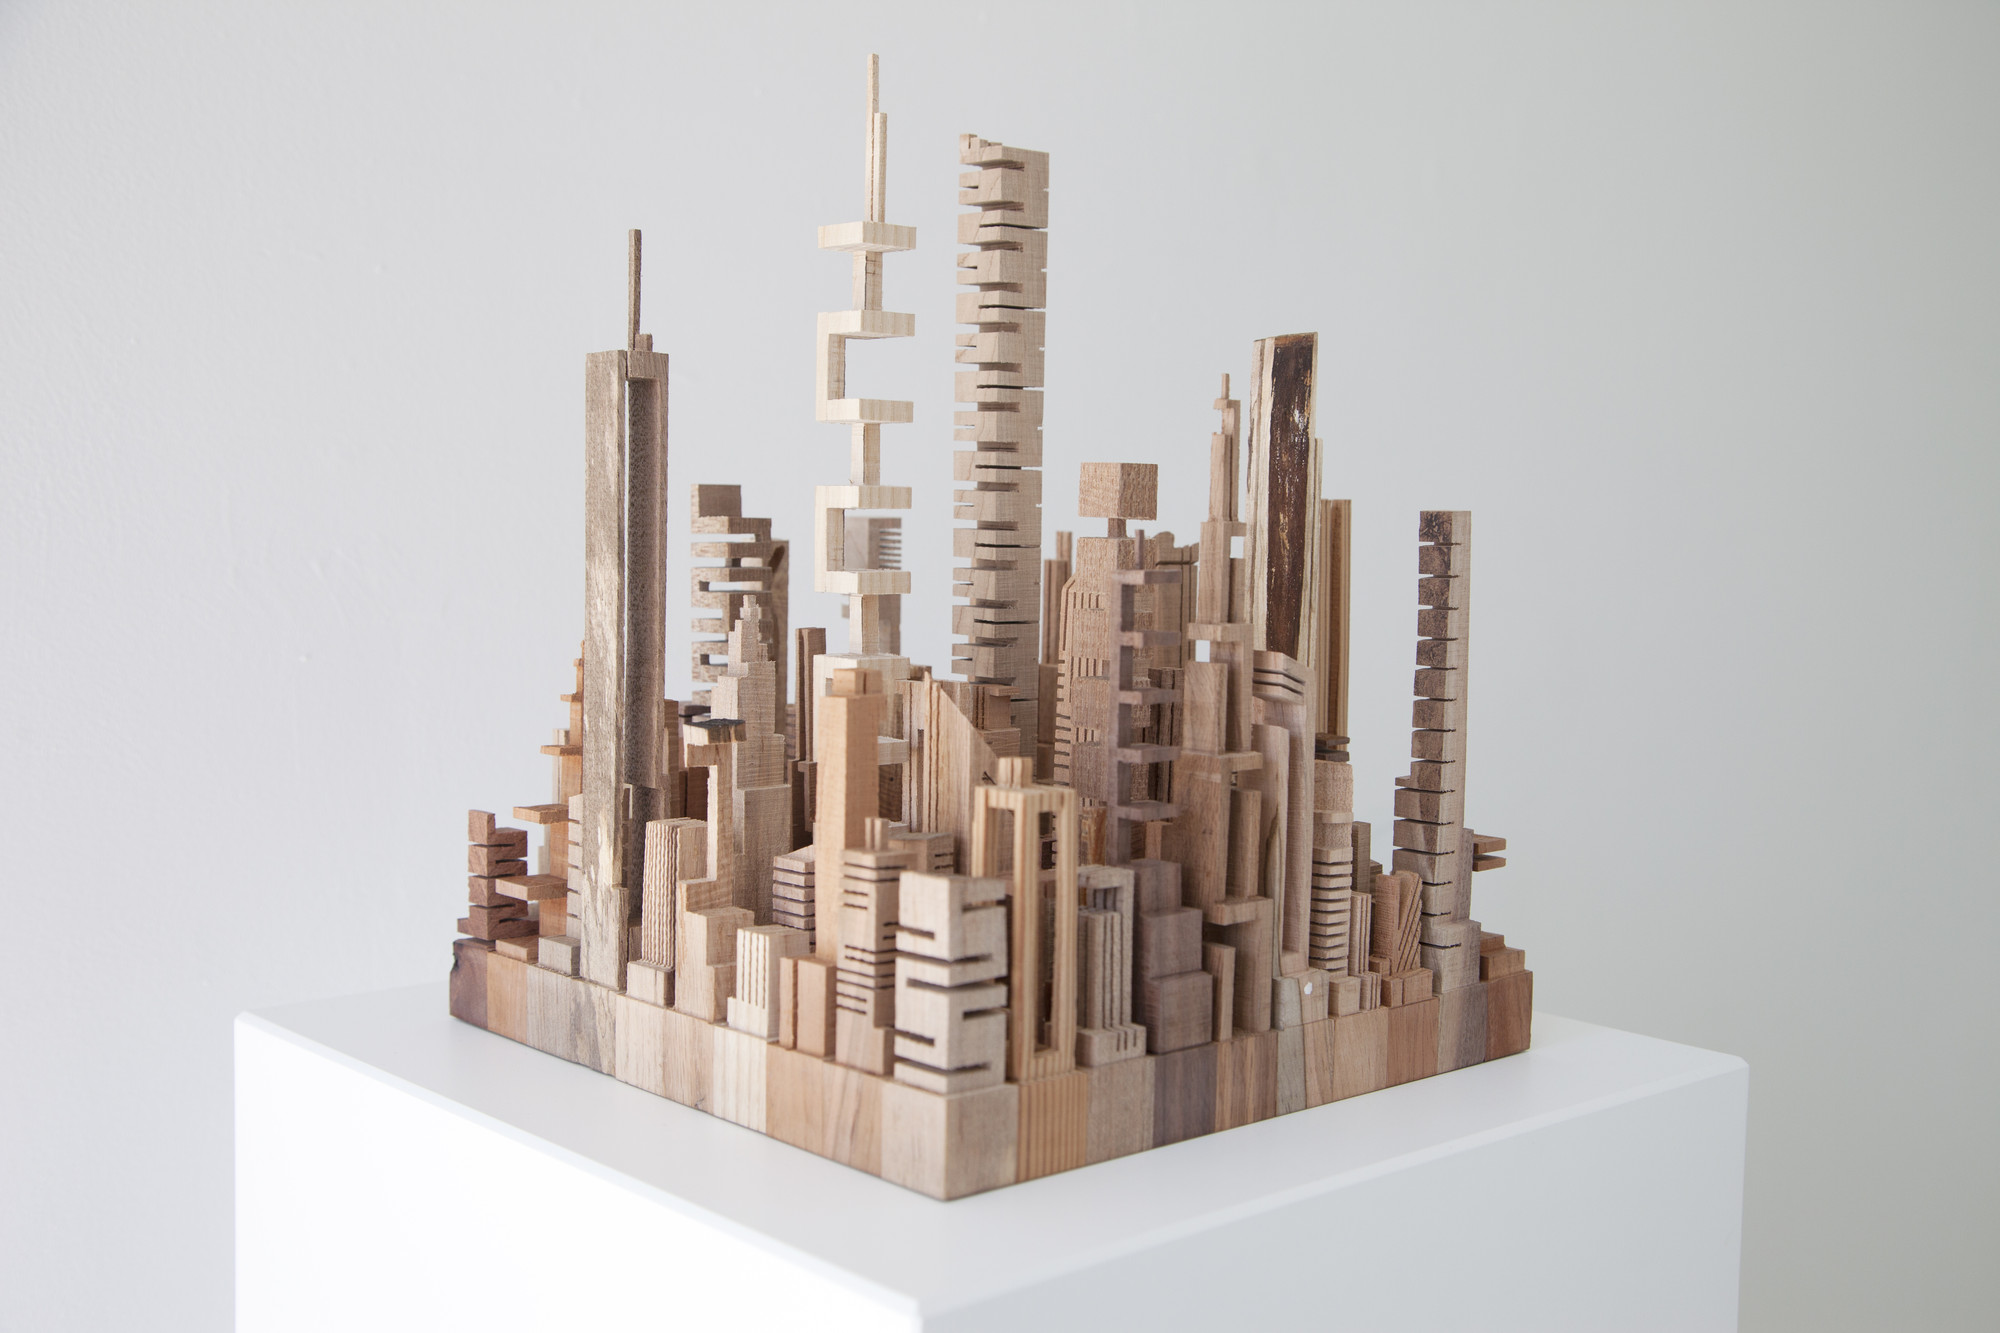 Arte e Arquitetura: Cidades e paisagens urbanas construídas com resíduos de madeira, ©  Aurelie Laurent / Petit Jules